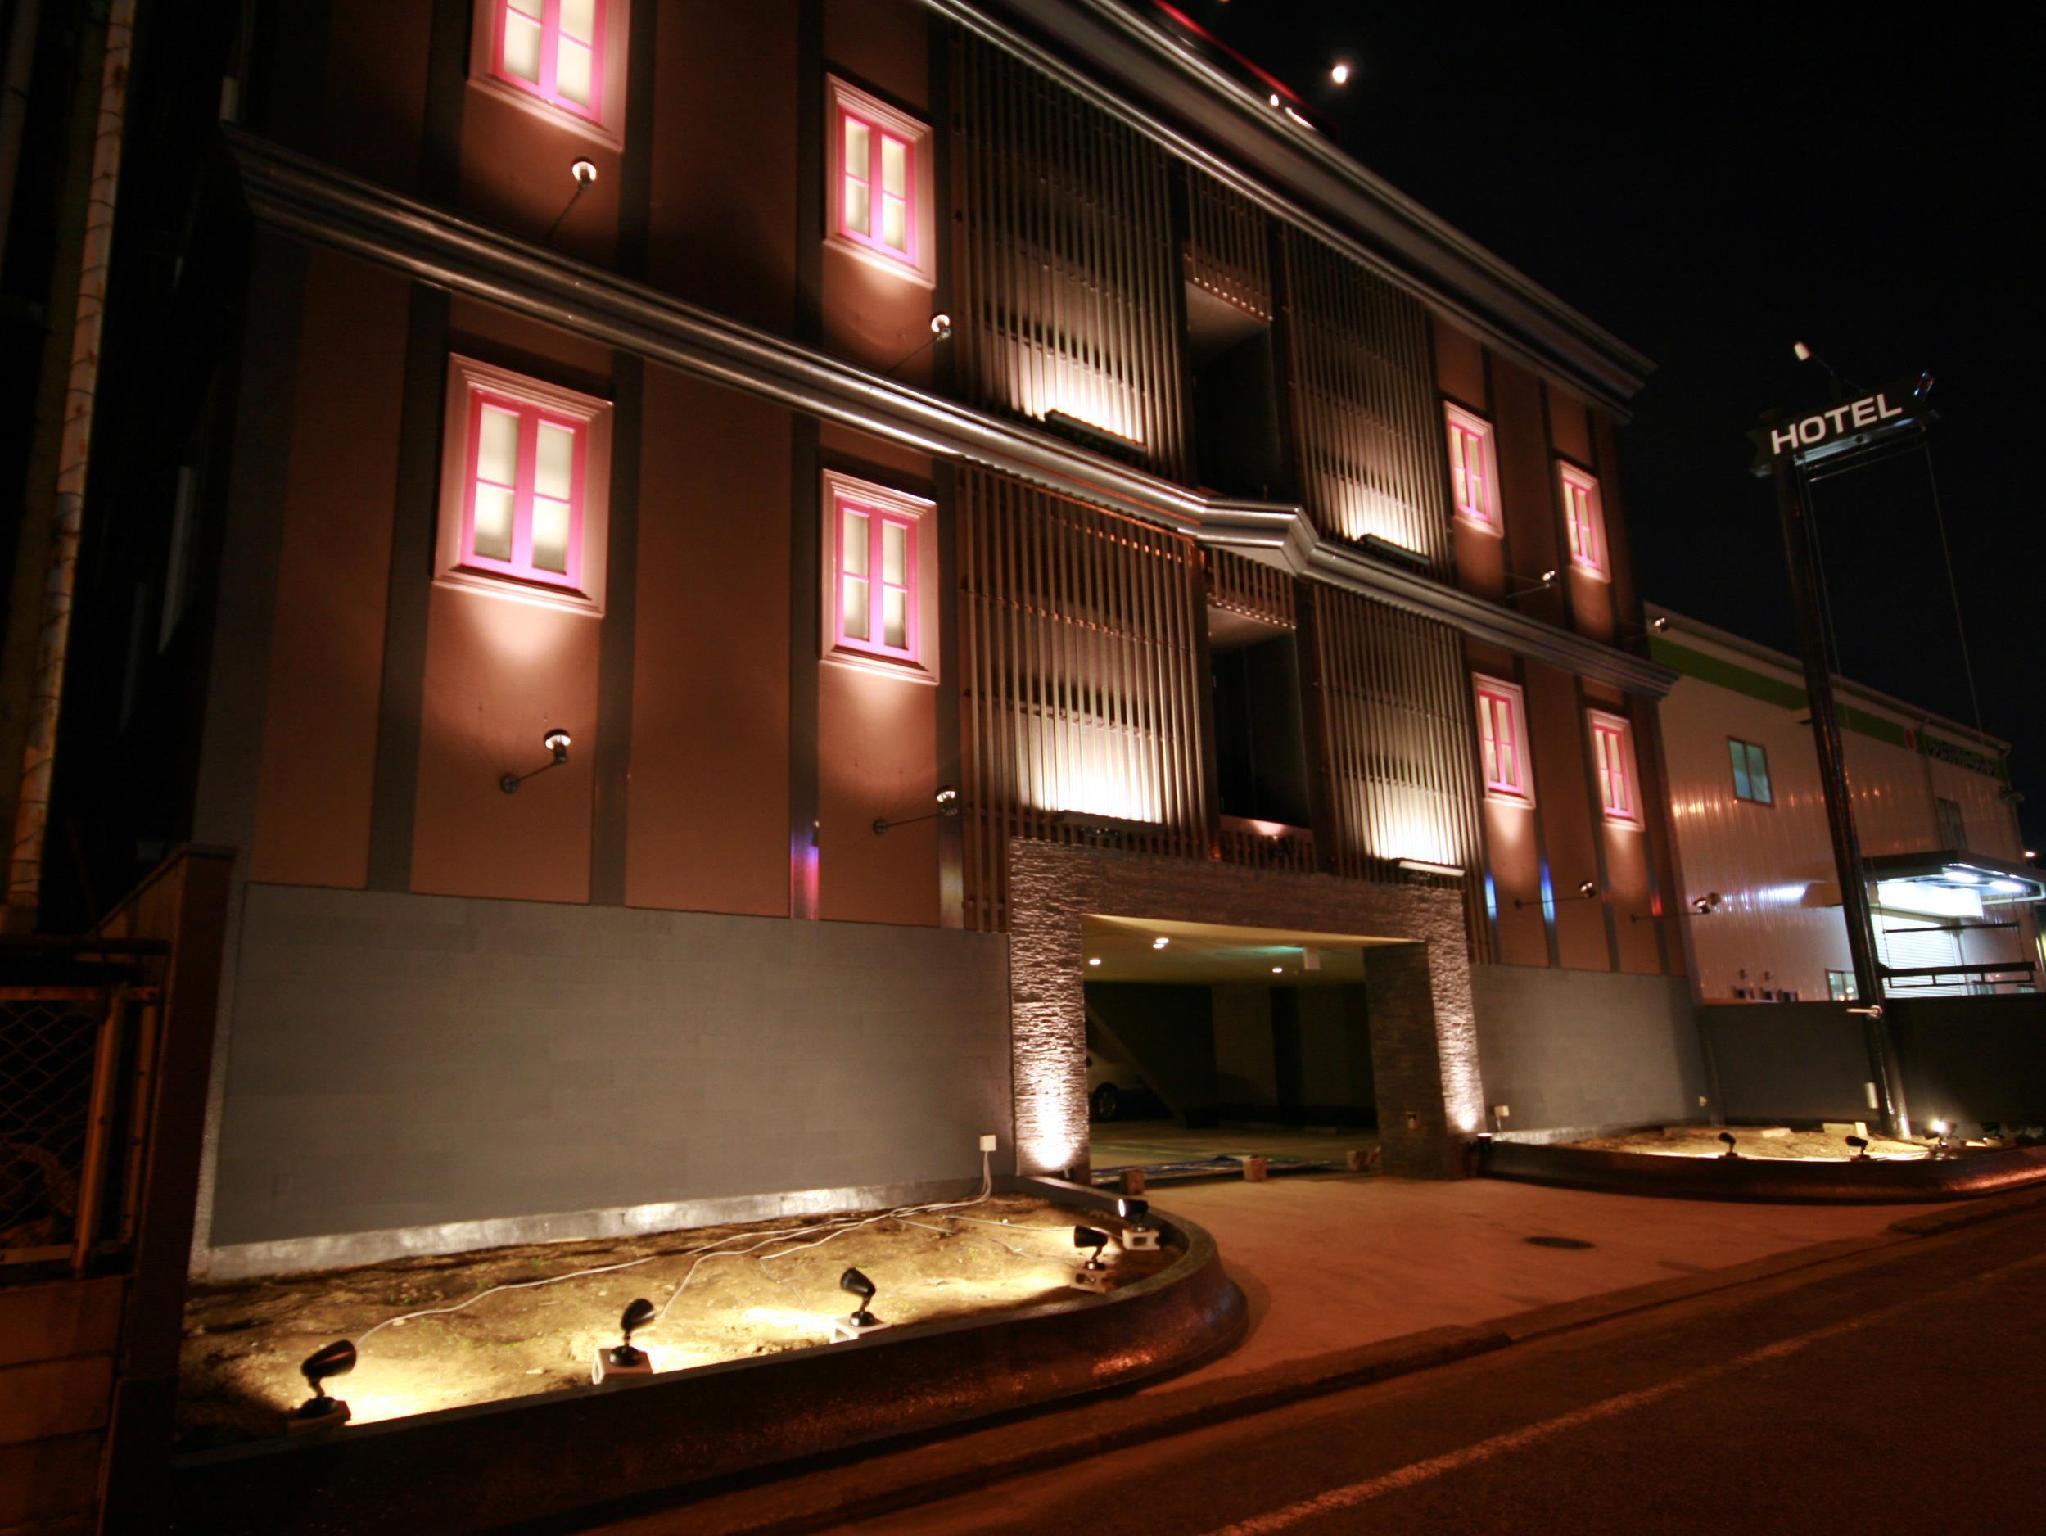 Hotel Anges etoile - Adult Only, Sakai